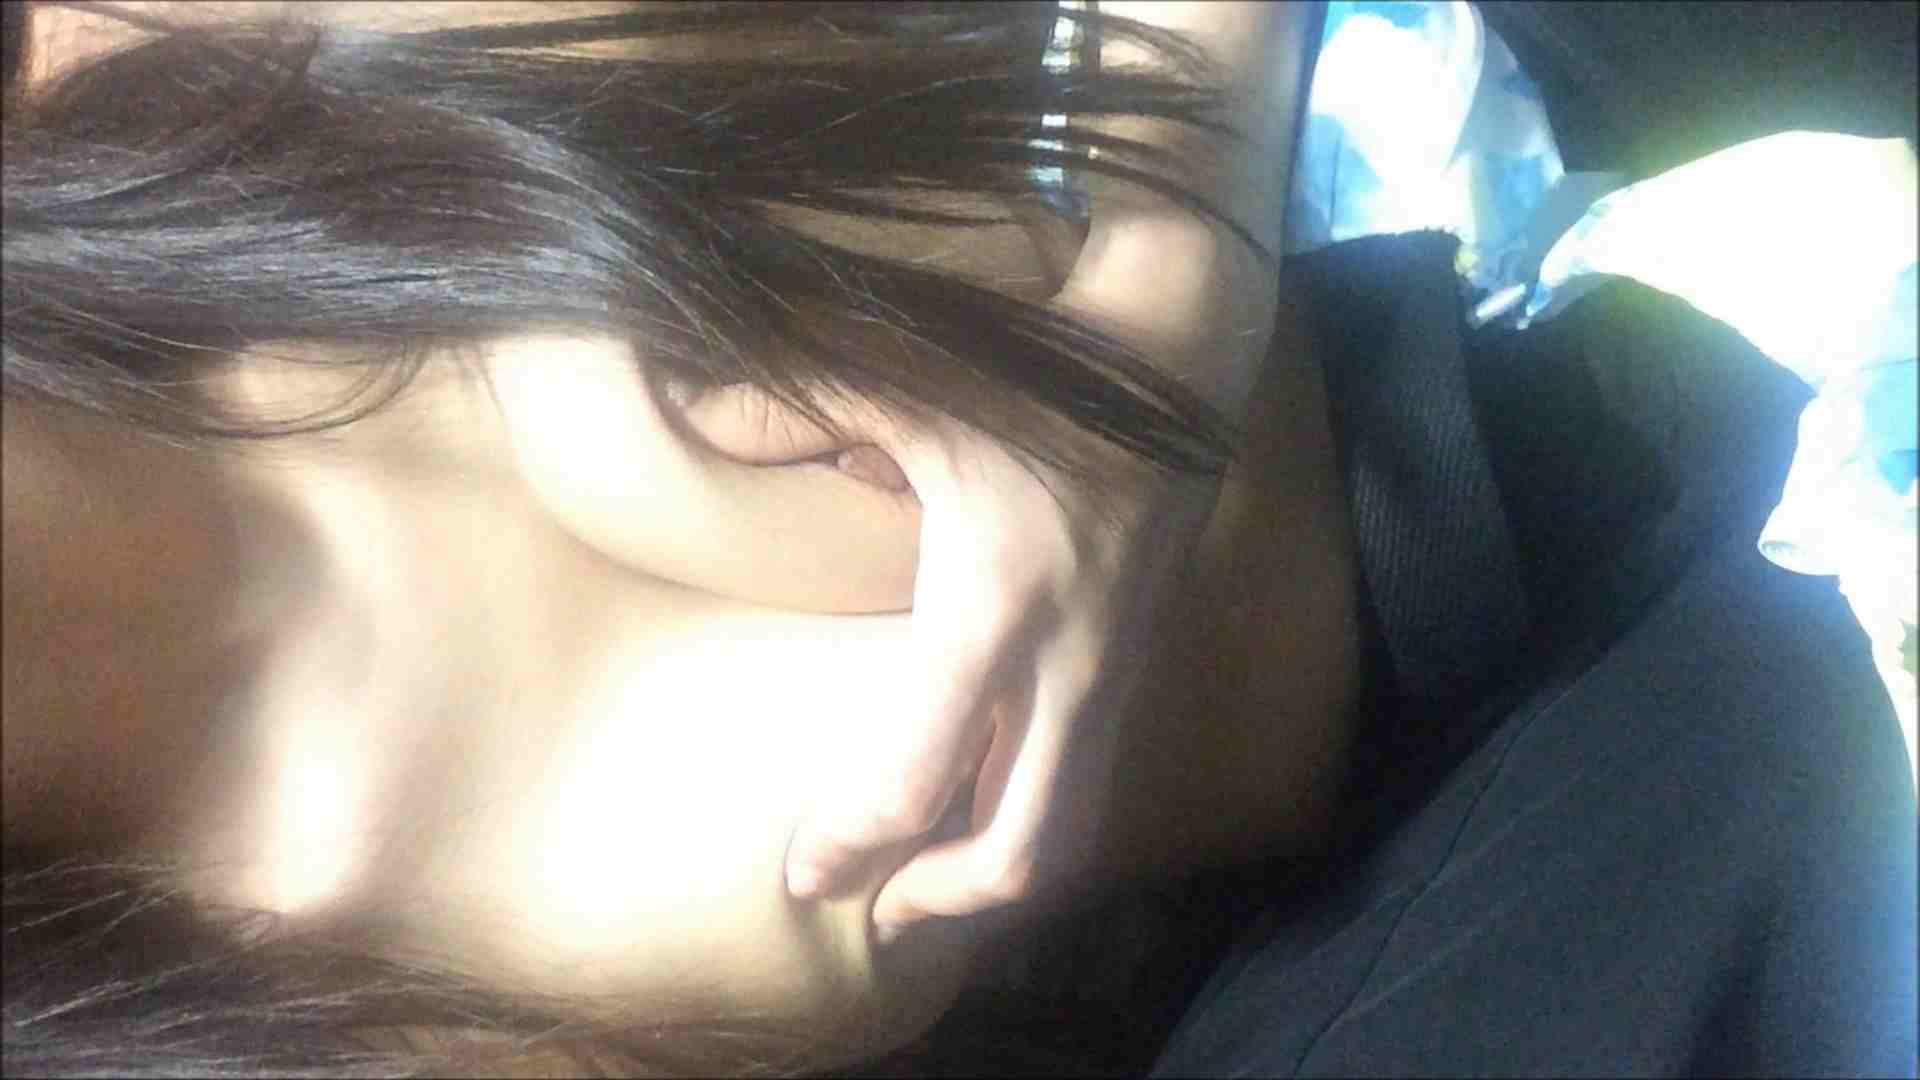 【自撮り調教】 Vol.01 JD3年・まゆみちゃん① オマンコ アダルト動画キャプチャ 39連発 2